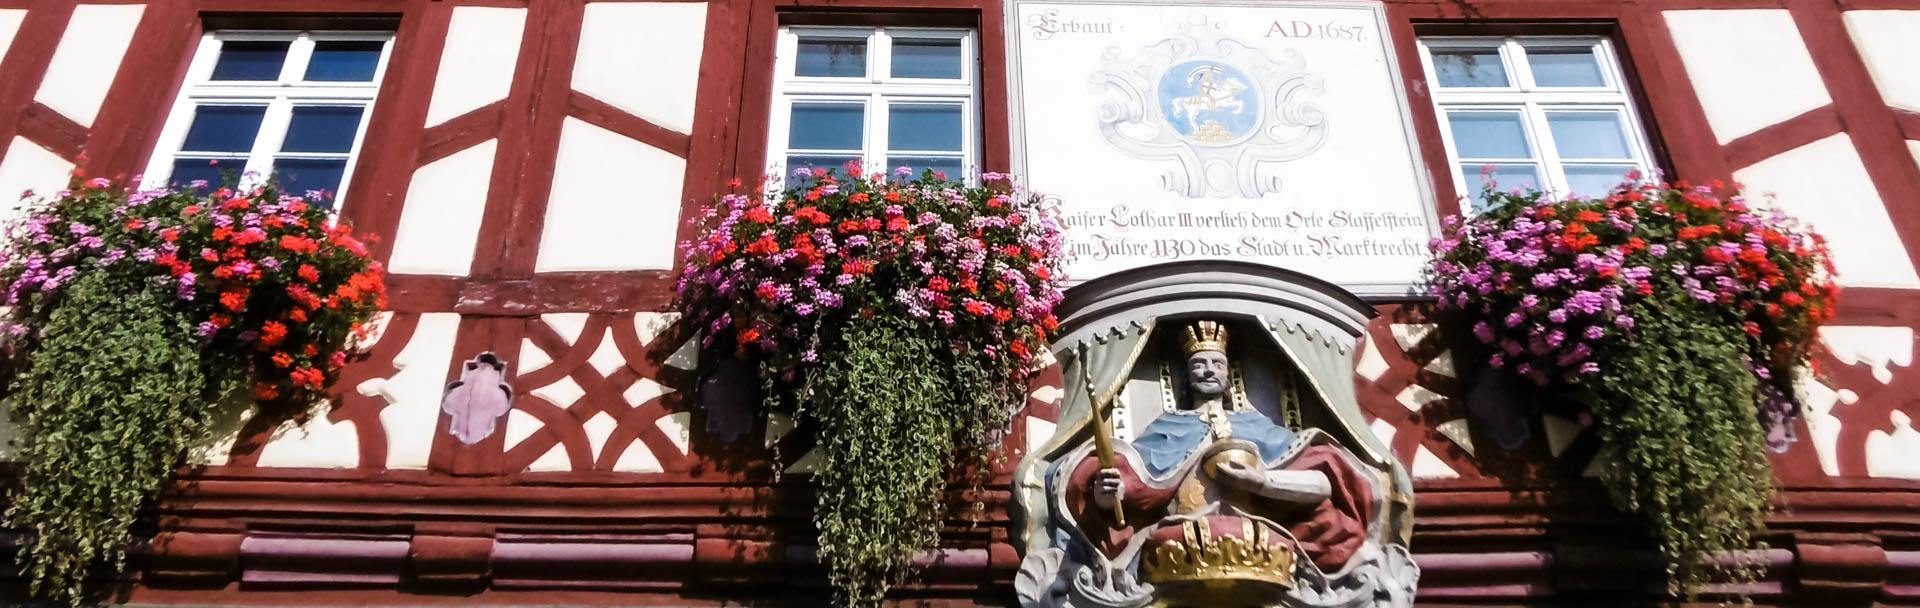 Grenze Oberfranken-Unterfranken